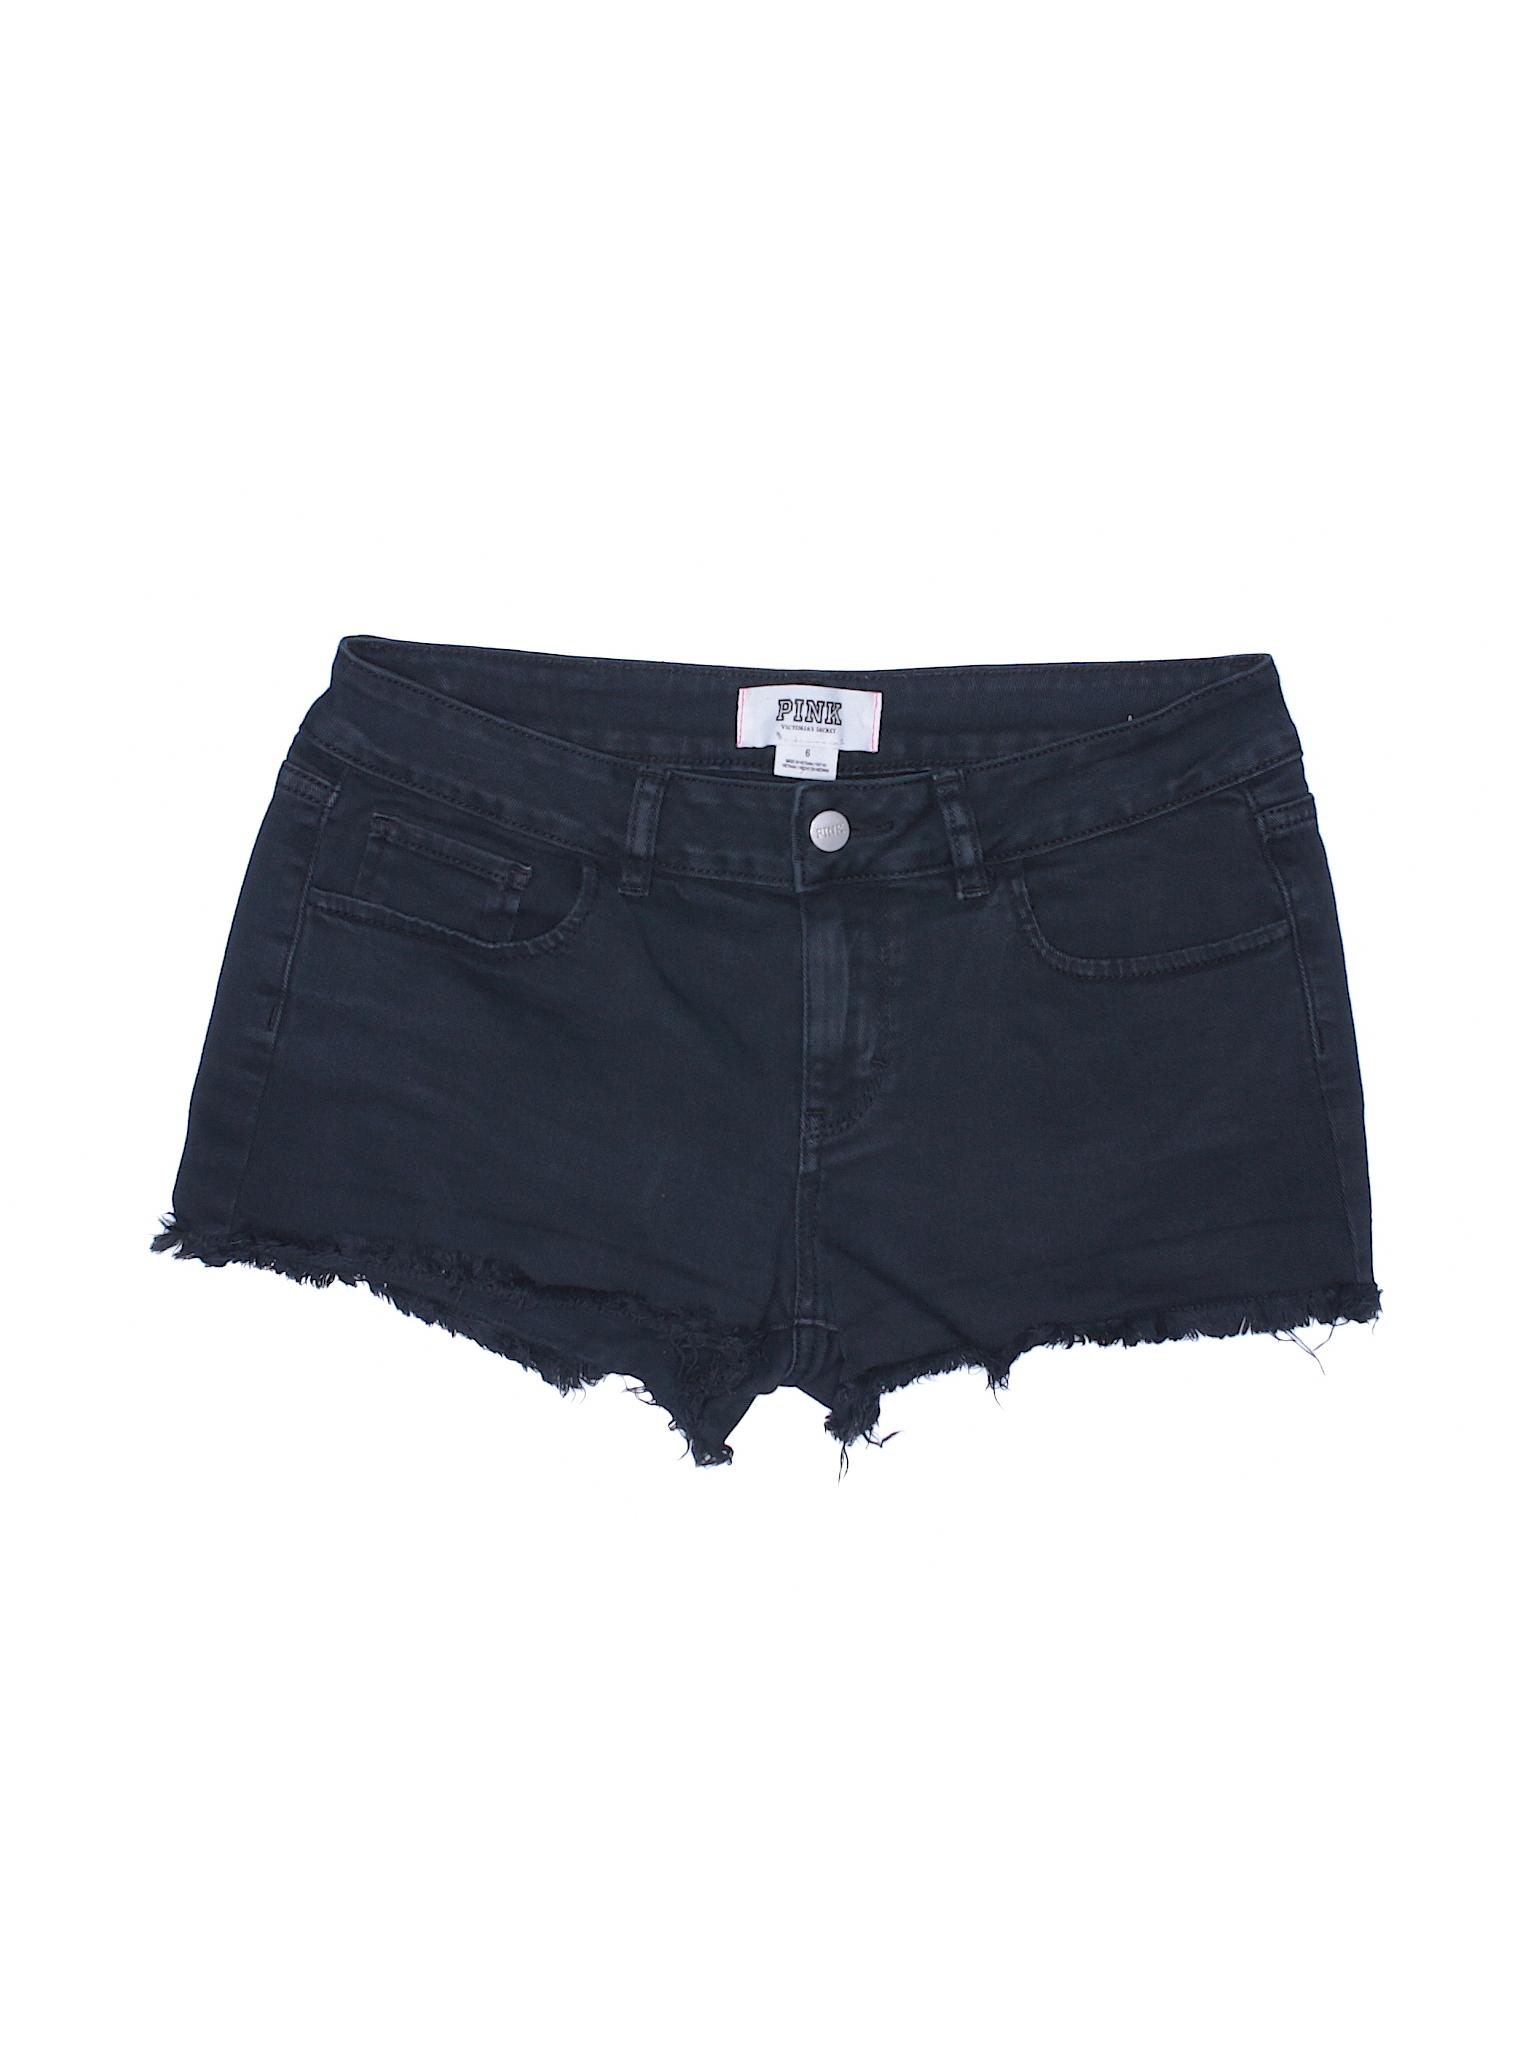 Victoria's Shorts Secret Boutique Pink Denim 4nfXdwY6